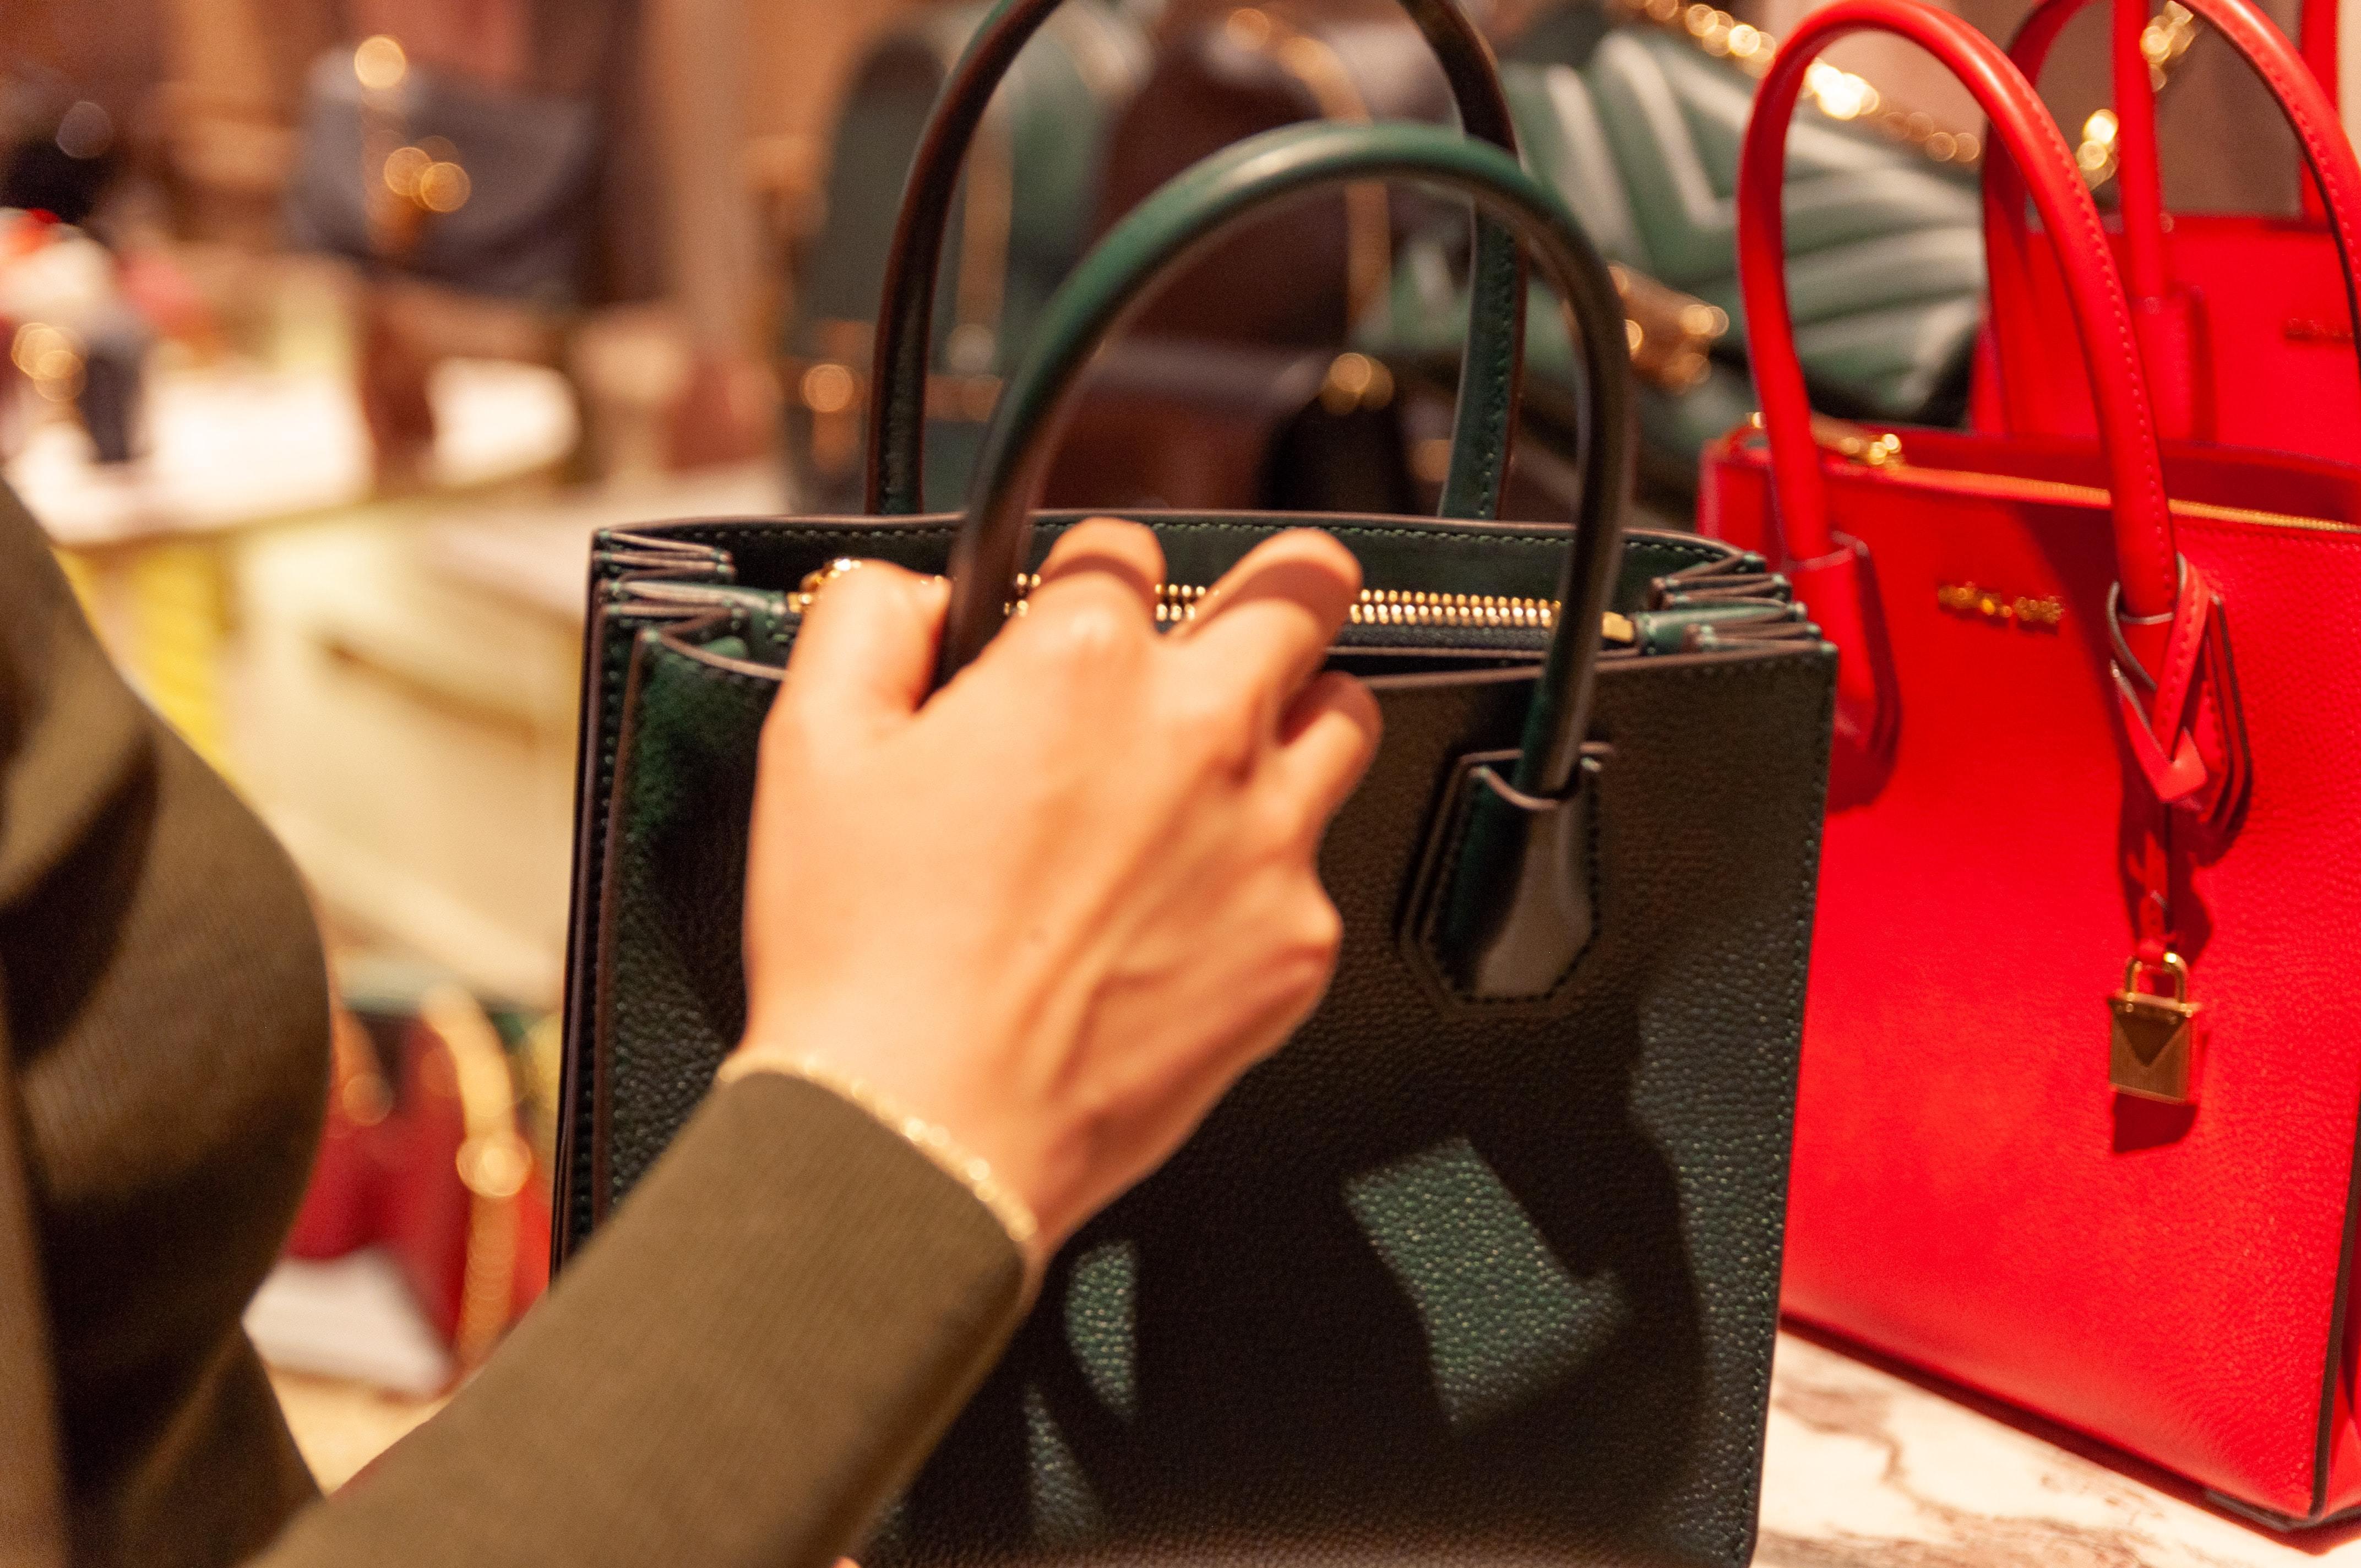 ブランドバッグを手にする女性